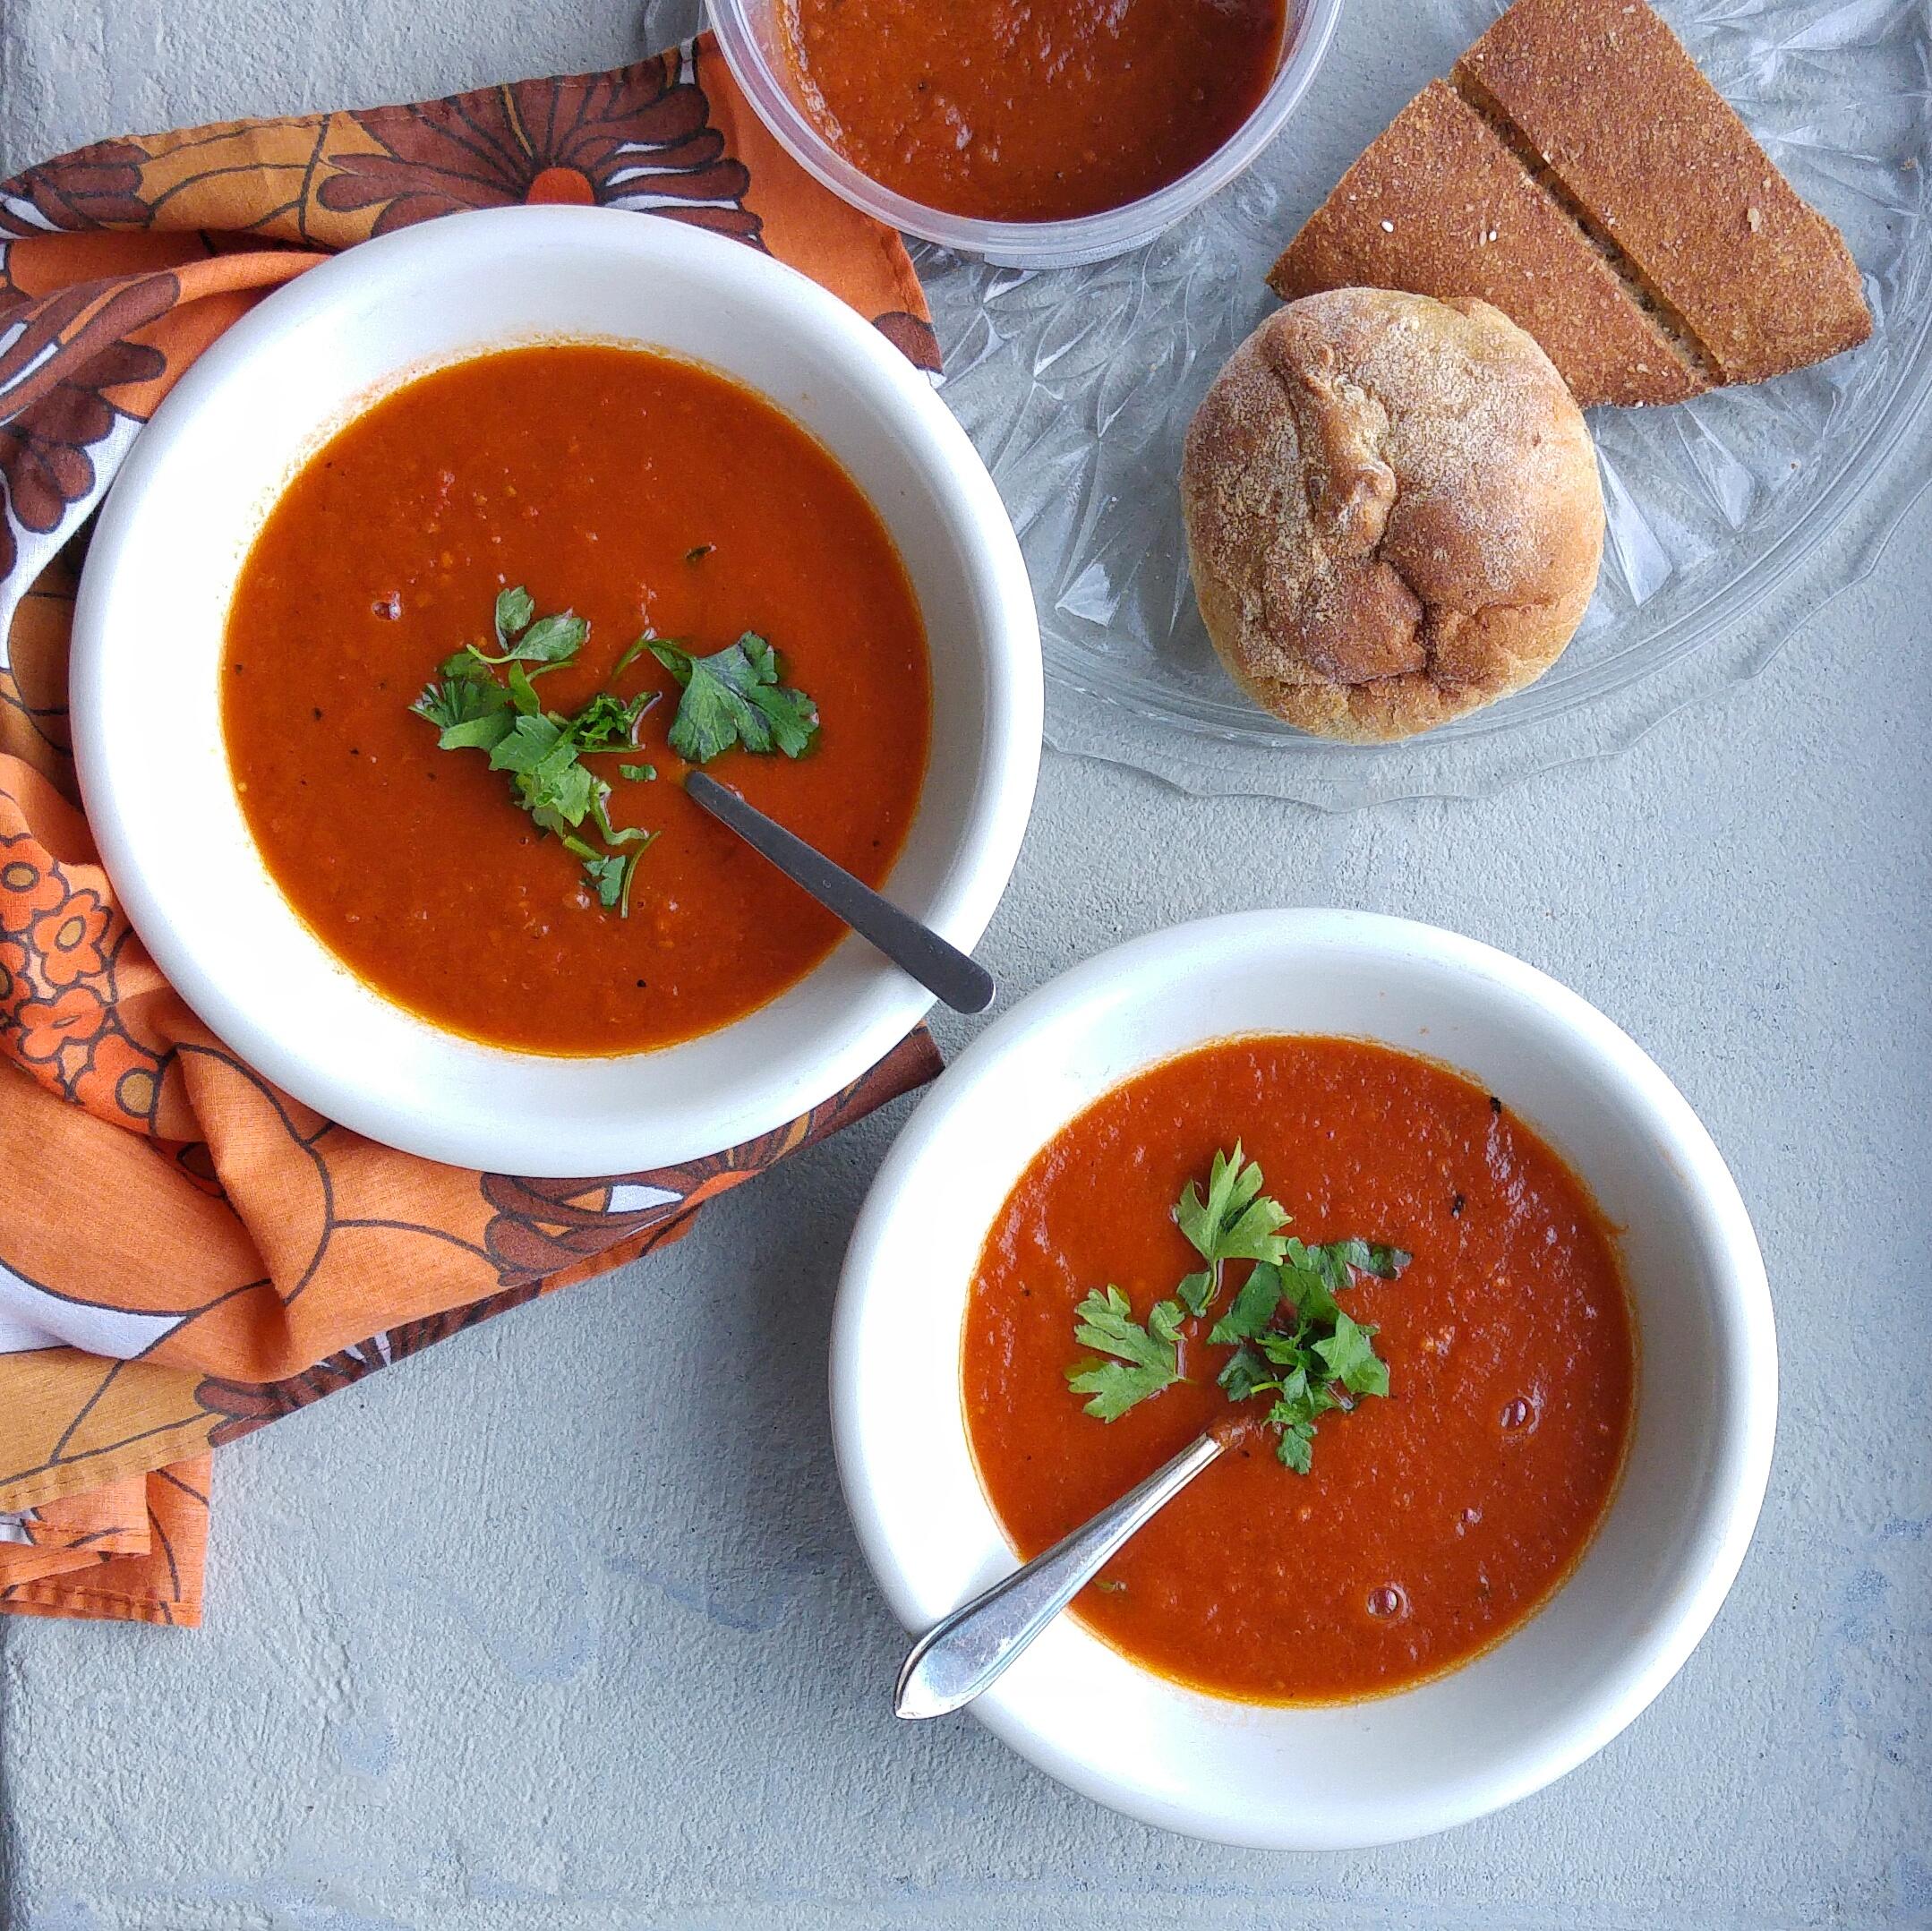 Met deze makkelijke soeprecepten maak je in heen handomdraai een verse gezonde tomatensoep. Snel en simpel!